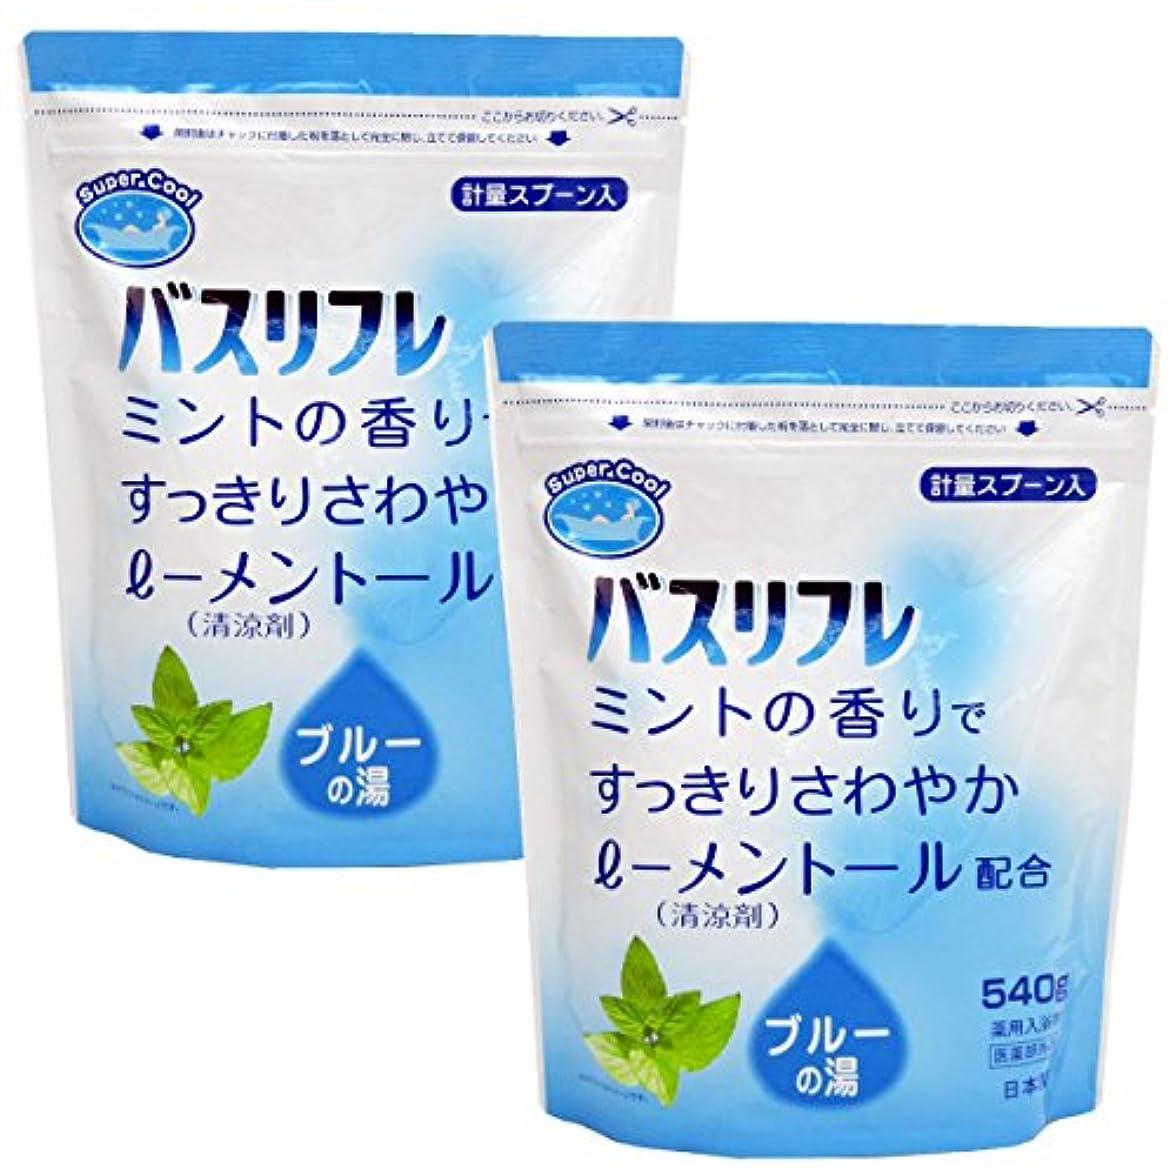 概要気分が良い血色の良い入浴剤 クール 薬用入浴剤 バスリフレ スーパークール540g×2個セット 日本製